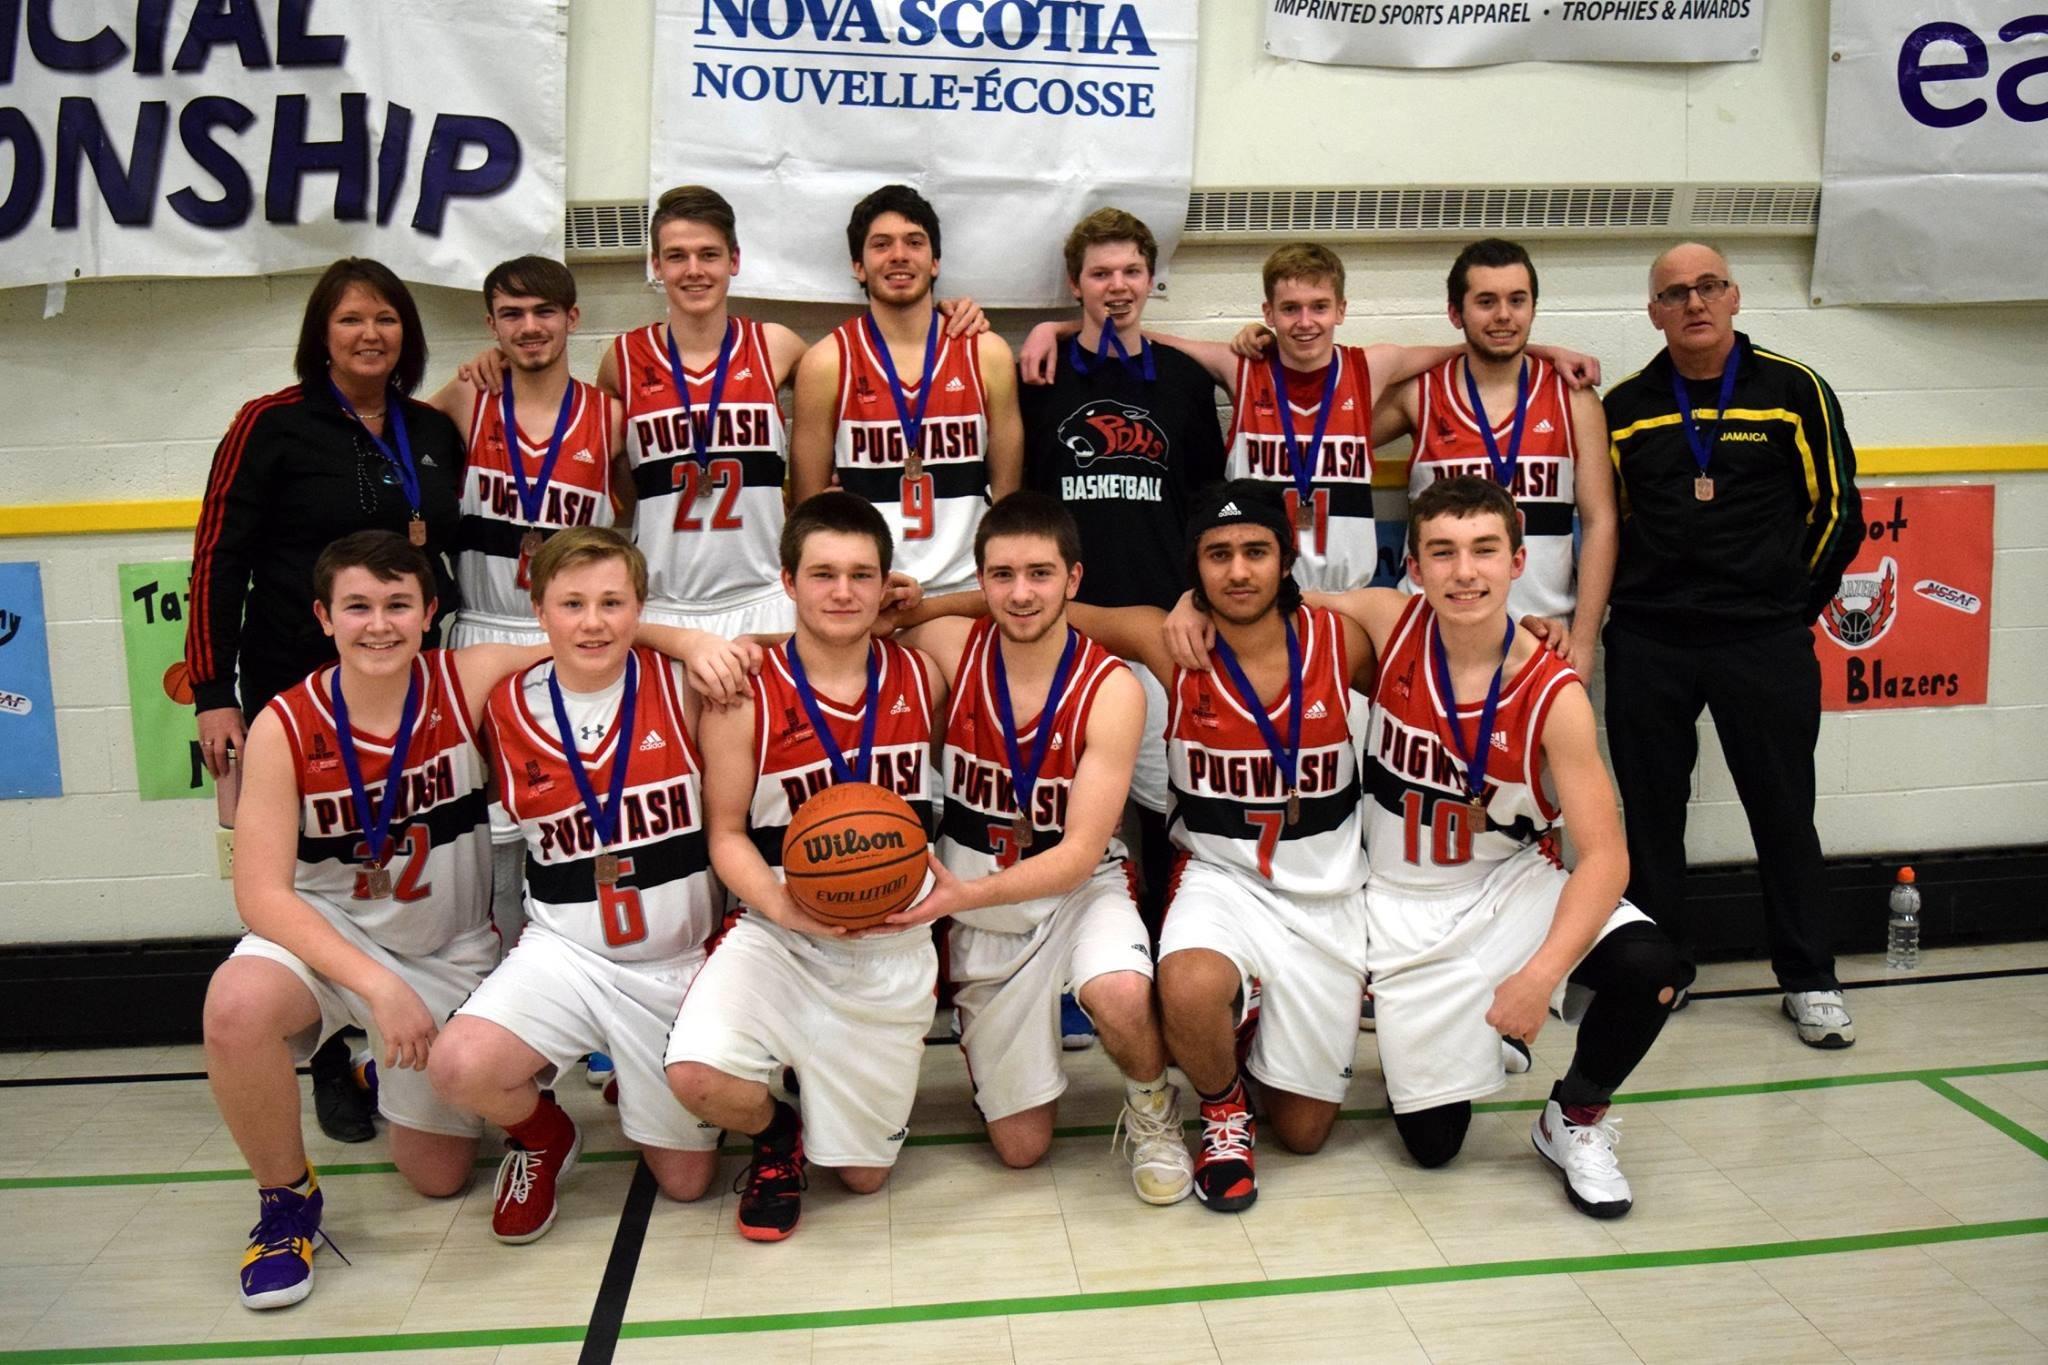 High School - Canada - sports